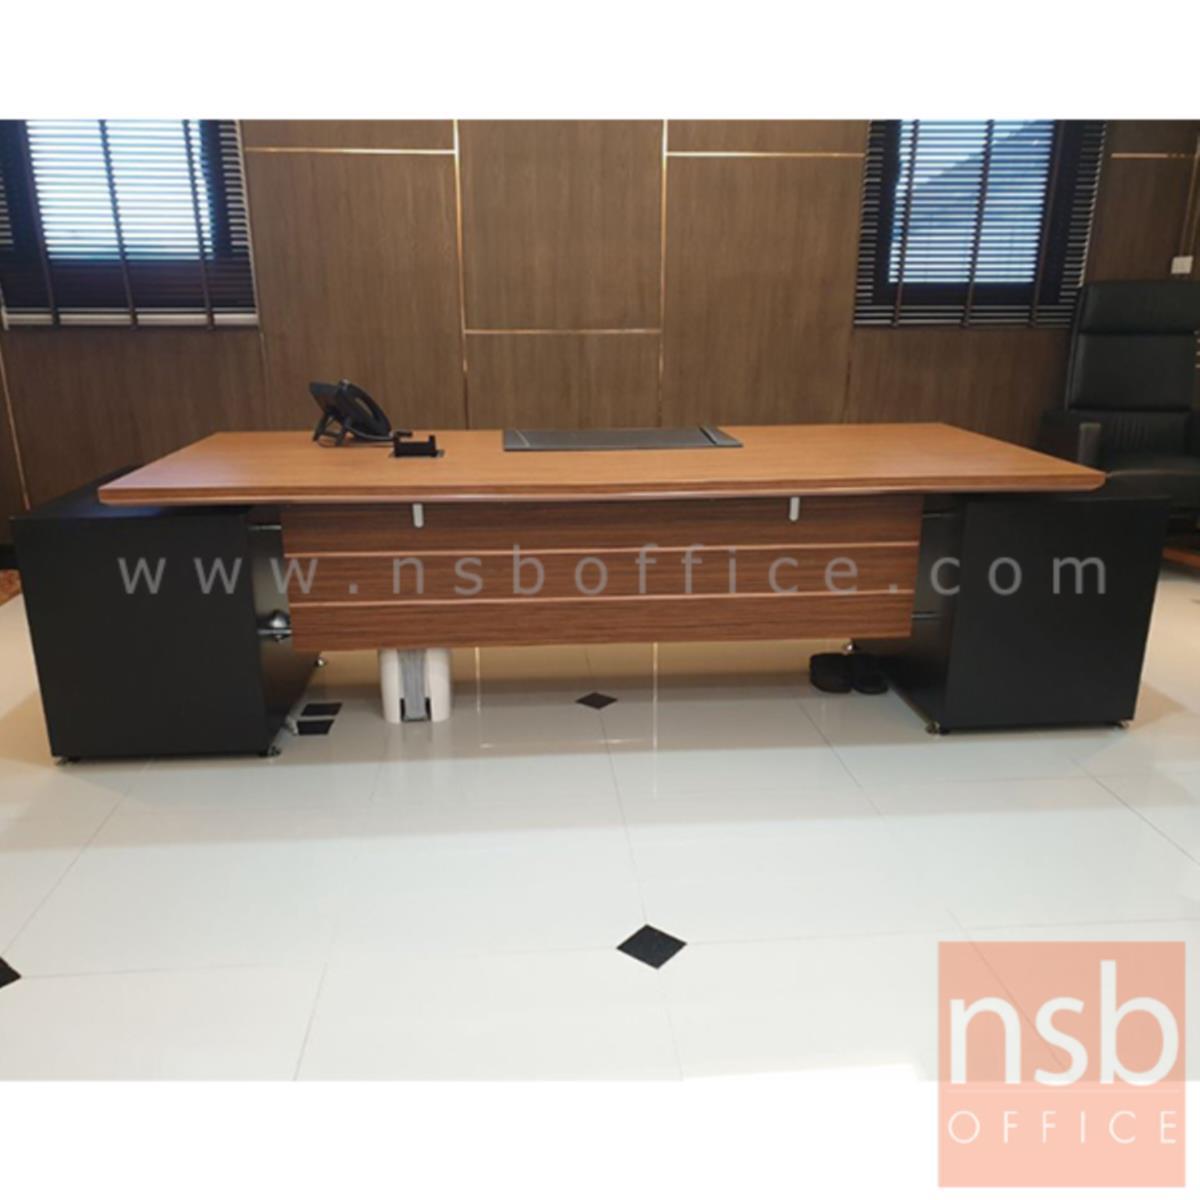 โต๊ะผู้บริหาร 2 ลิ้นชักซ้ายขวา  รุ่น Bulgari Black ขนาด 289.5W cm.  สีลายไม้ซีบราโน่ตัดดำ ขอบ ROSEGOLD